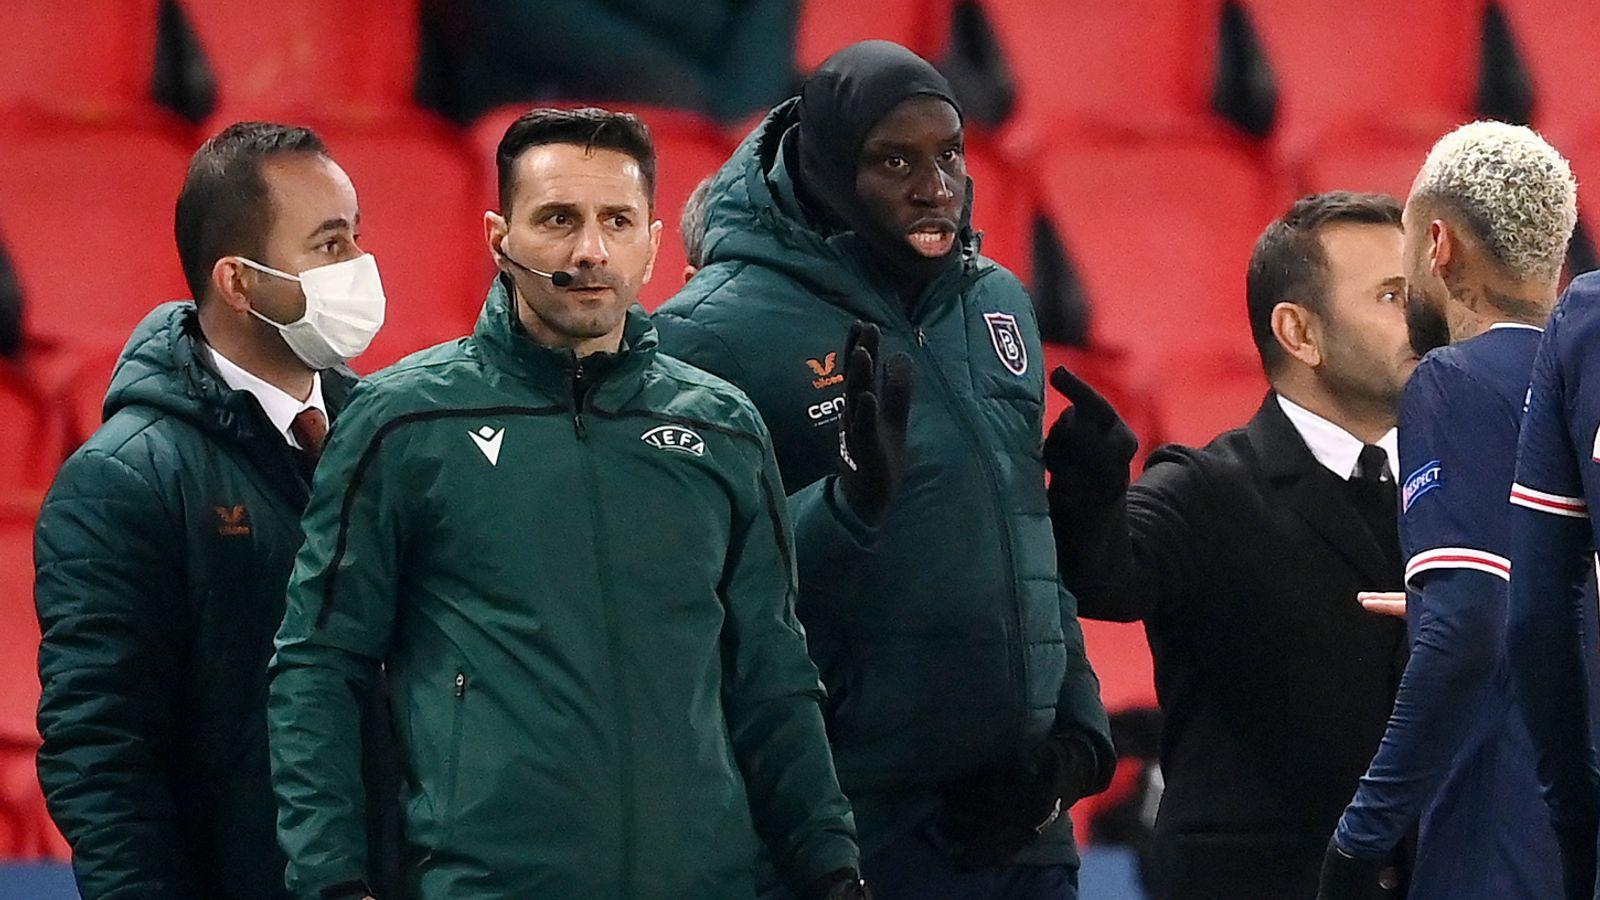 УЕФА открыл дело против арбитров, спровоцировавших расисткий скандал в матче «ПСЖ» – «Истанбул»